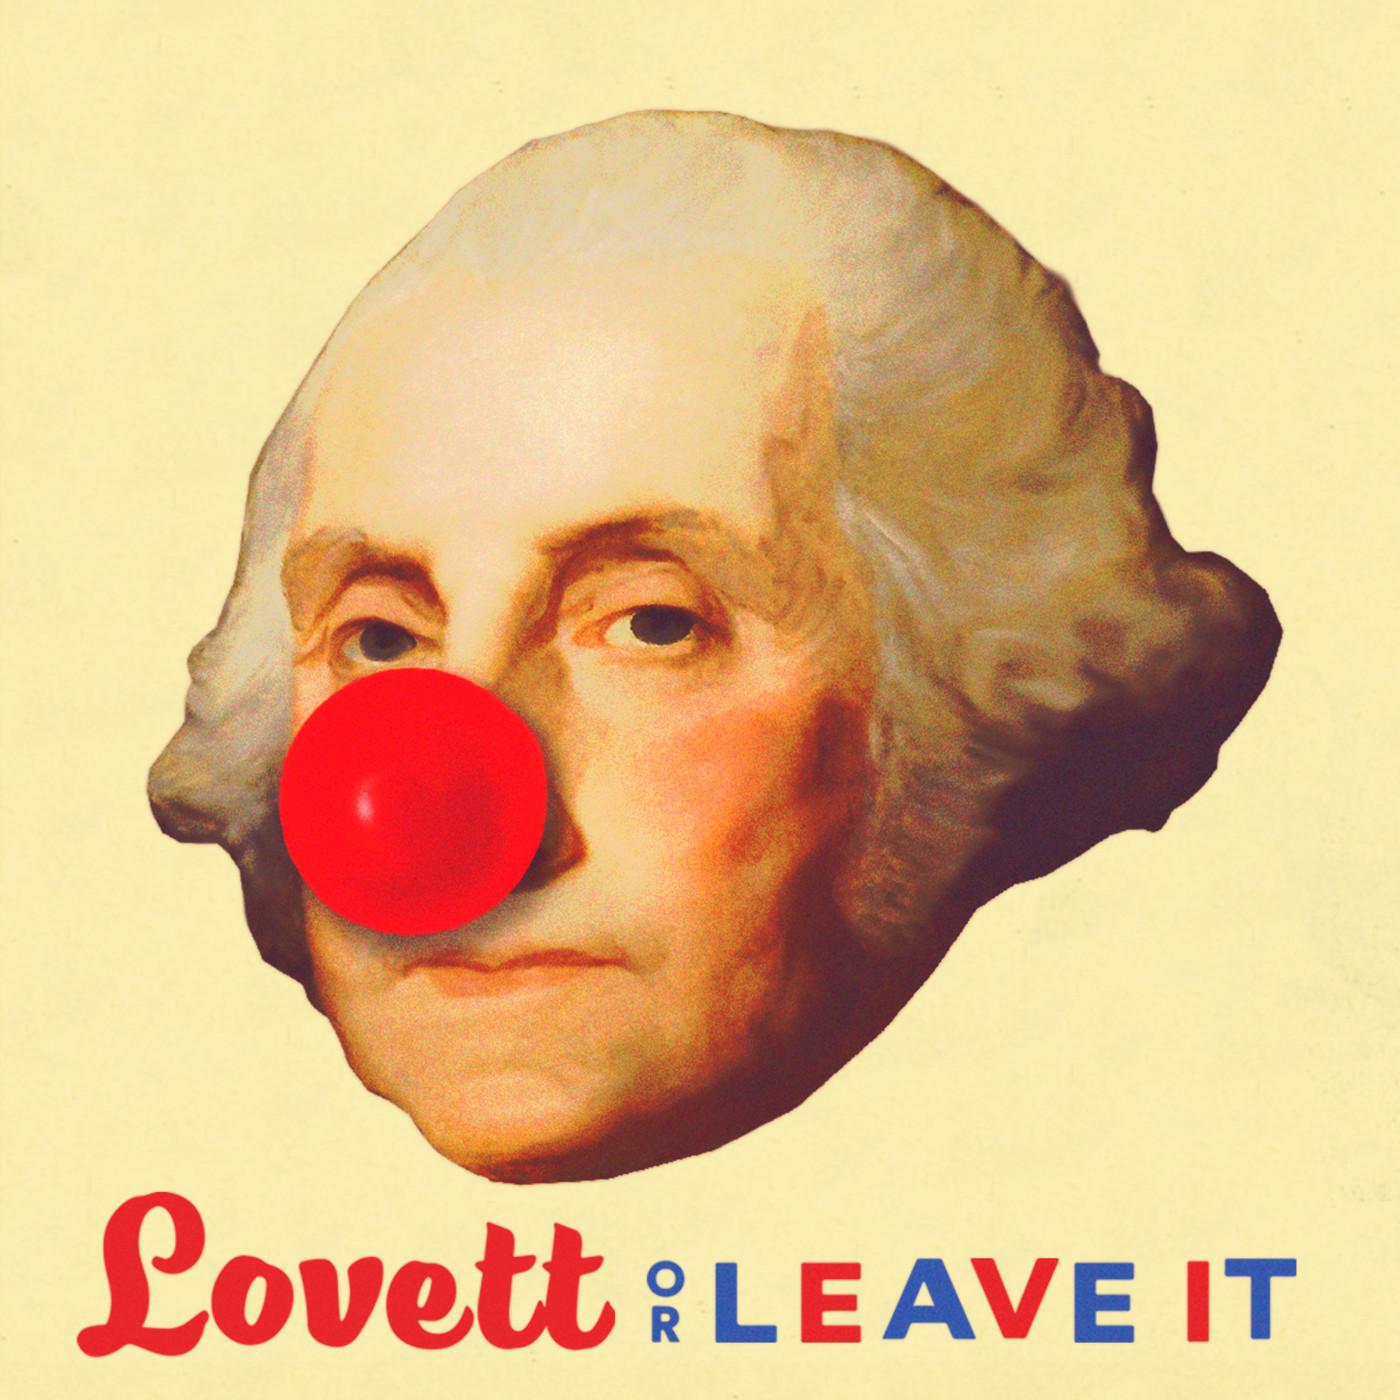 lovett_or_leave_it.jpeg